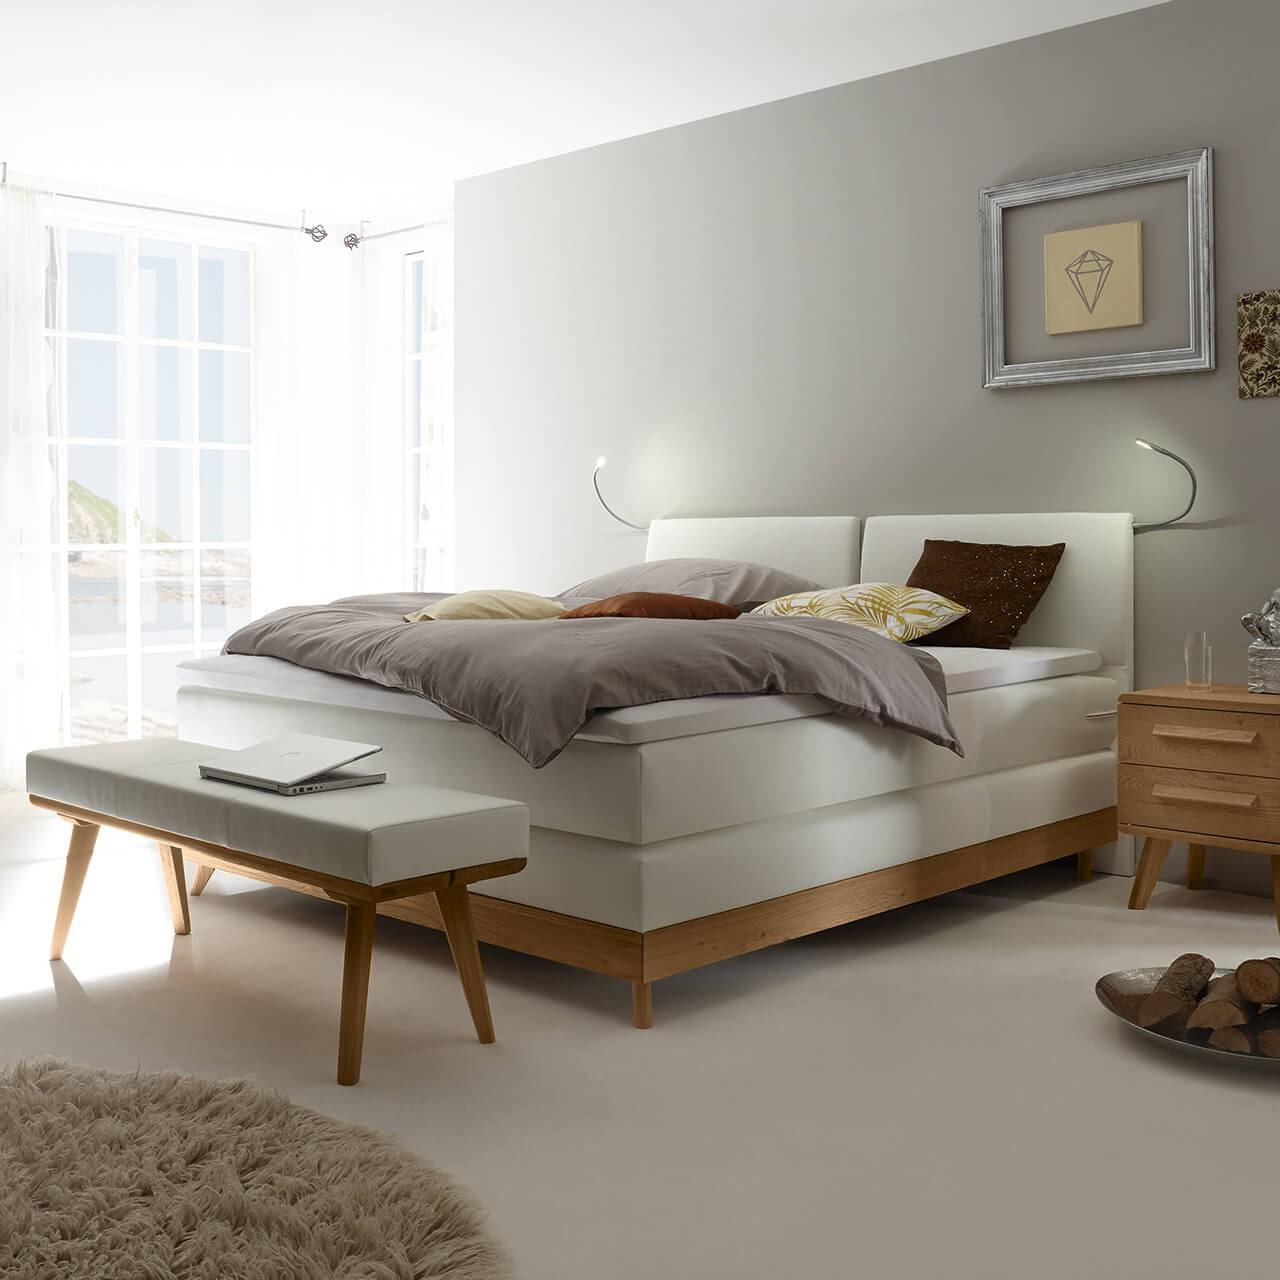 welches wasserbett gallery of wasserbett im modernen design with welches wasserbett top. Black Bedroom Furniture Sets. Home Design Ideas